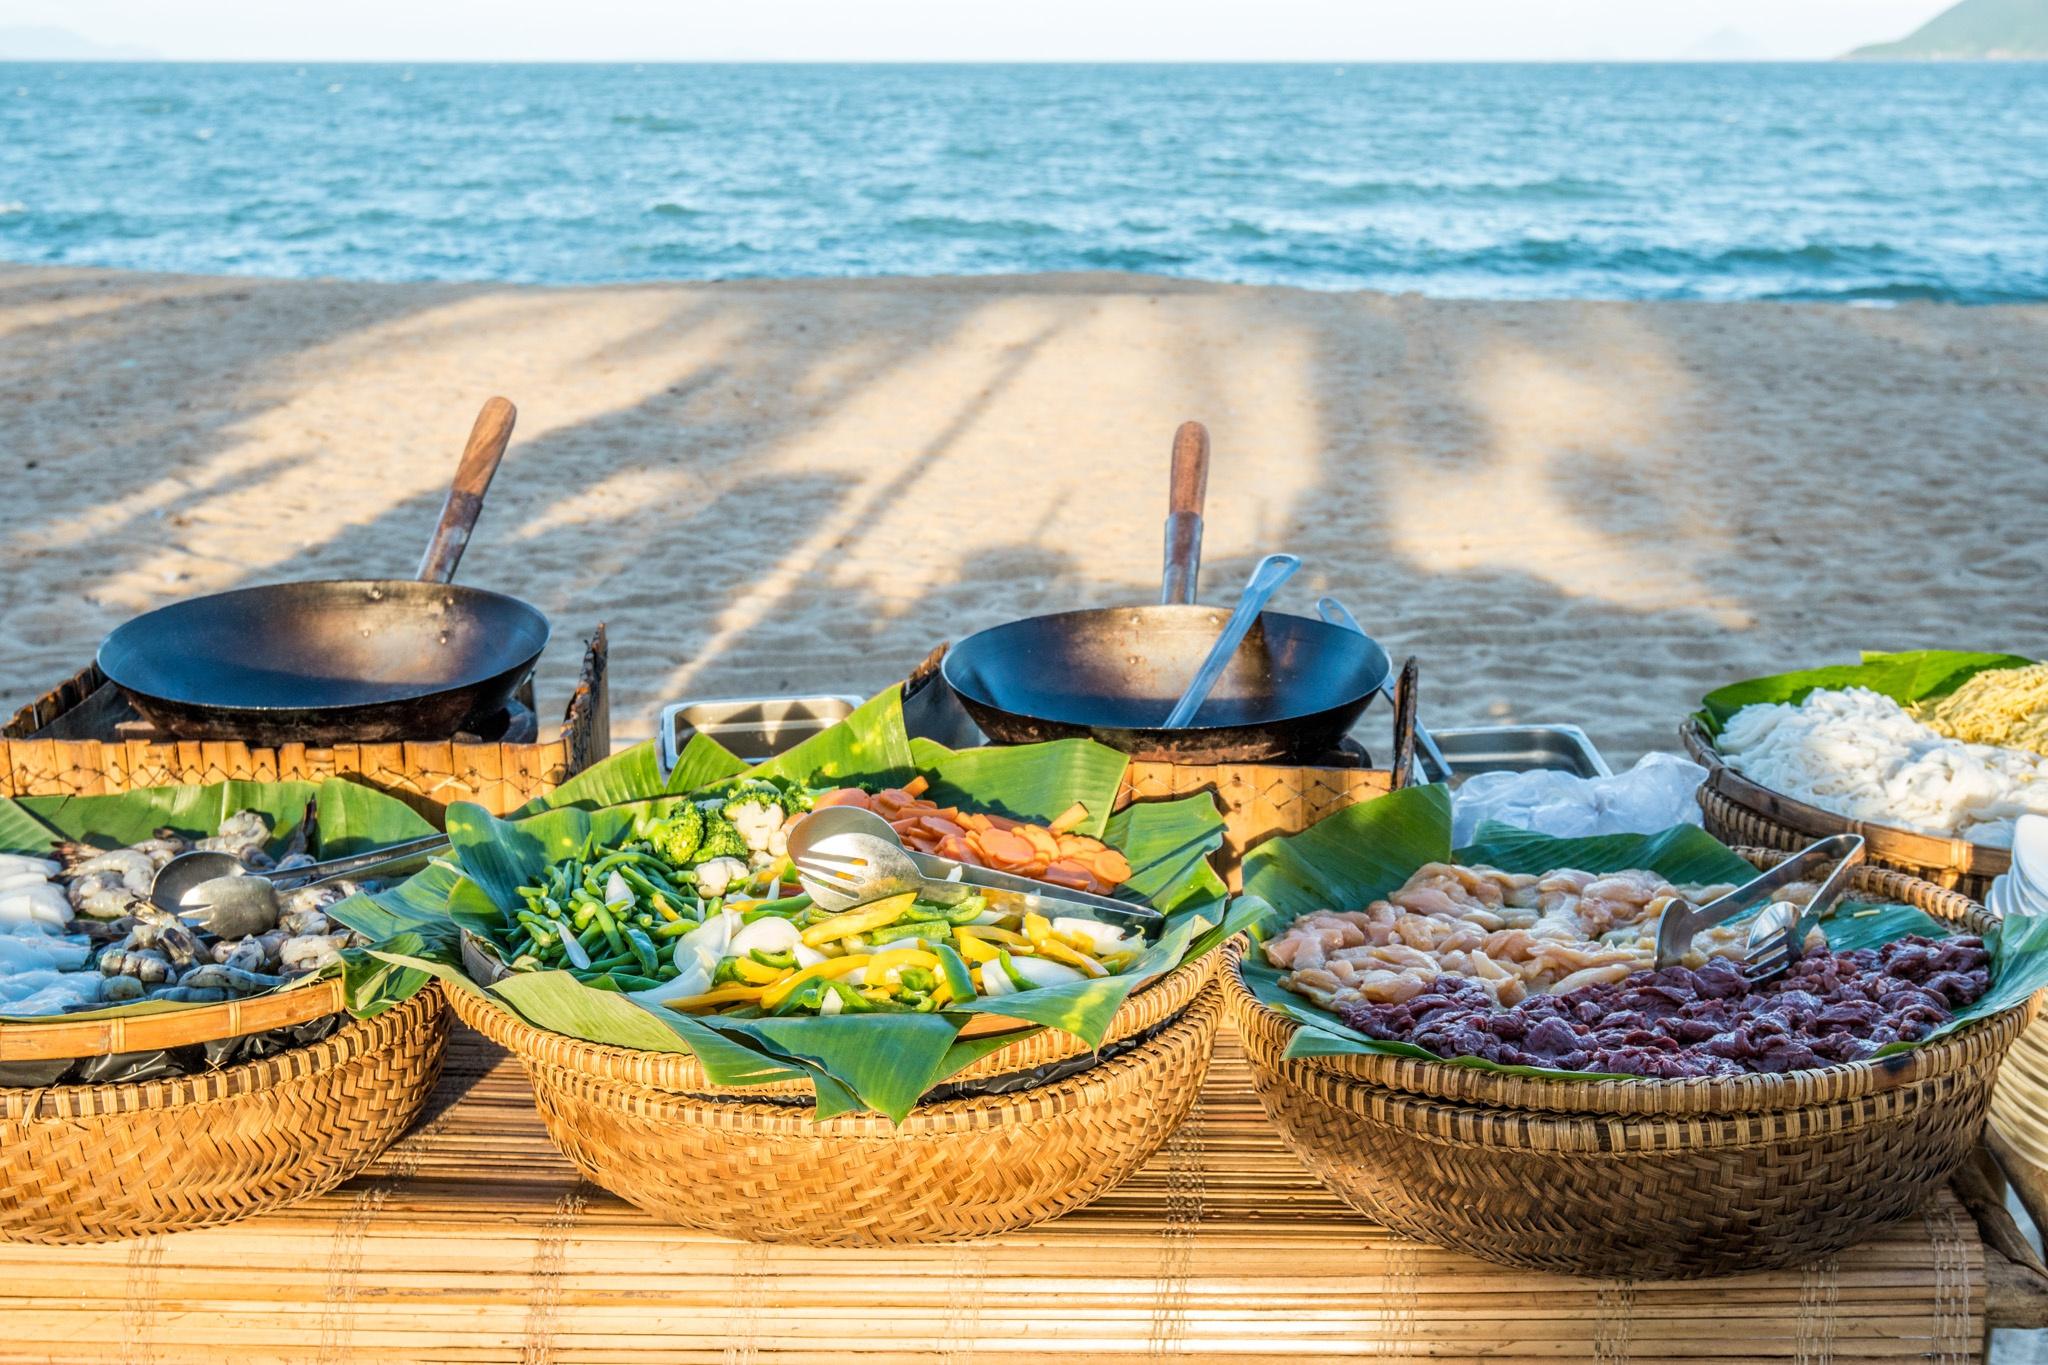 Chuyến đi mùa hè đến thiên đường biển đảo Nha Trang - Ảnh 19.